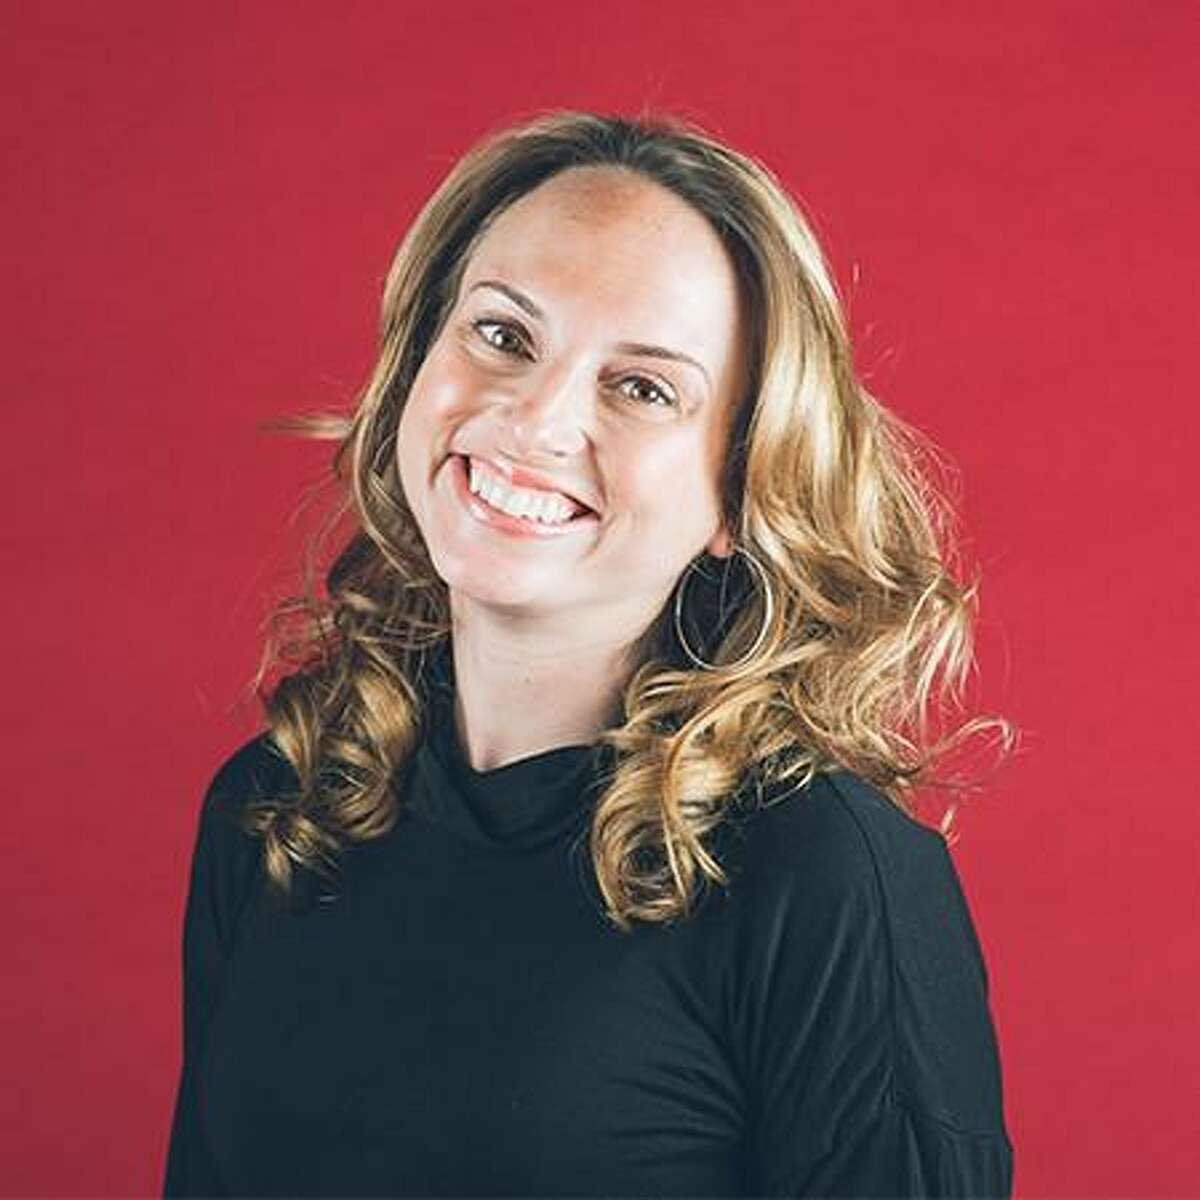 Lauren Herrington